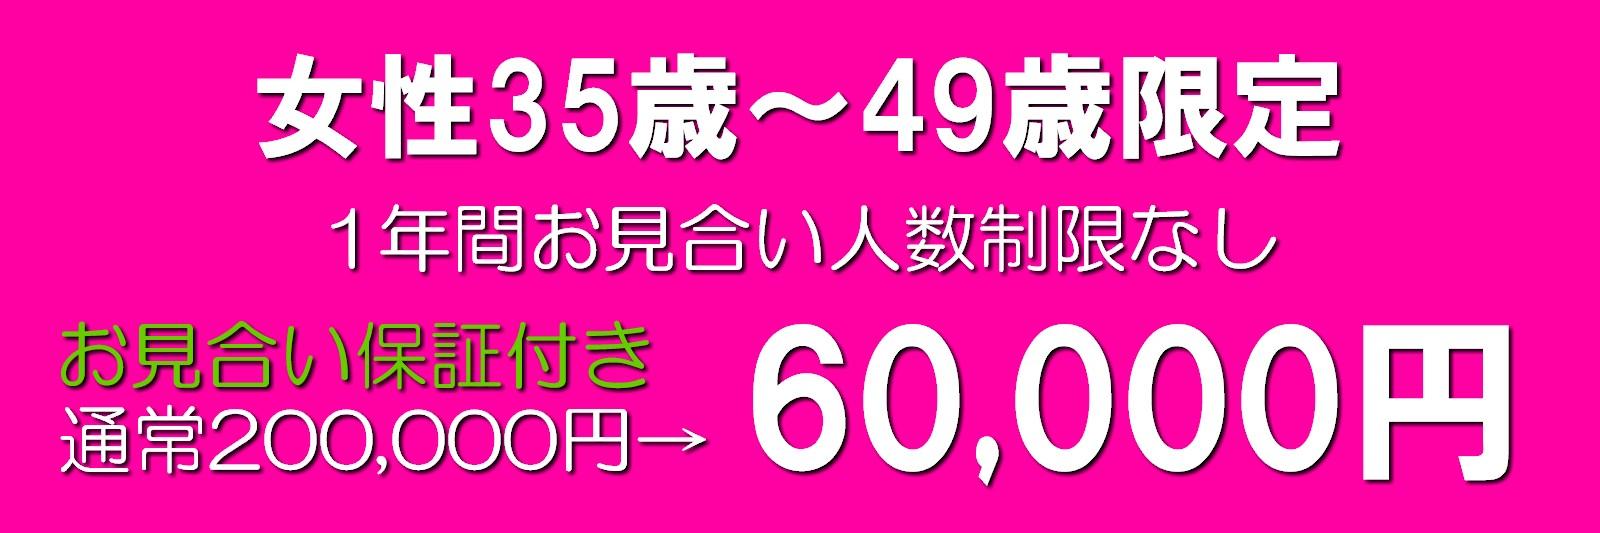 東京で婚活するなら婚活女性35歳~49歳限定クーポン・1年間お見合い人数制限なし【64,800円】